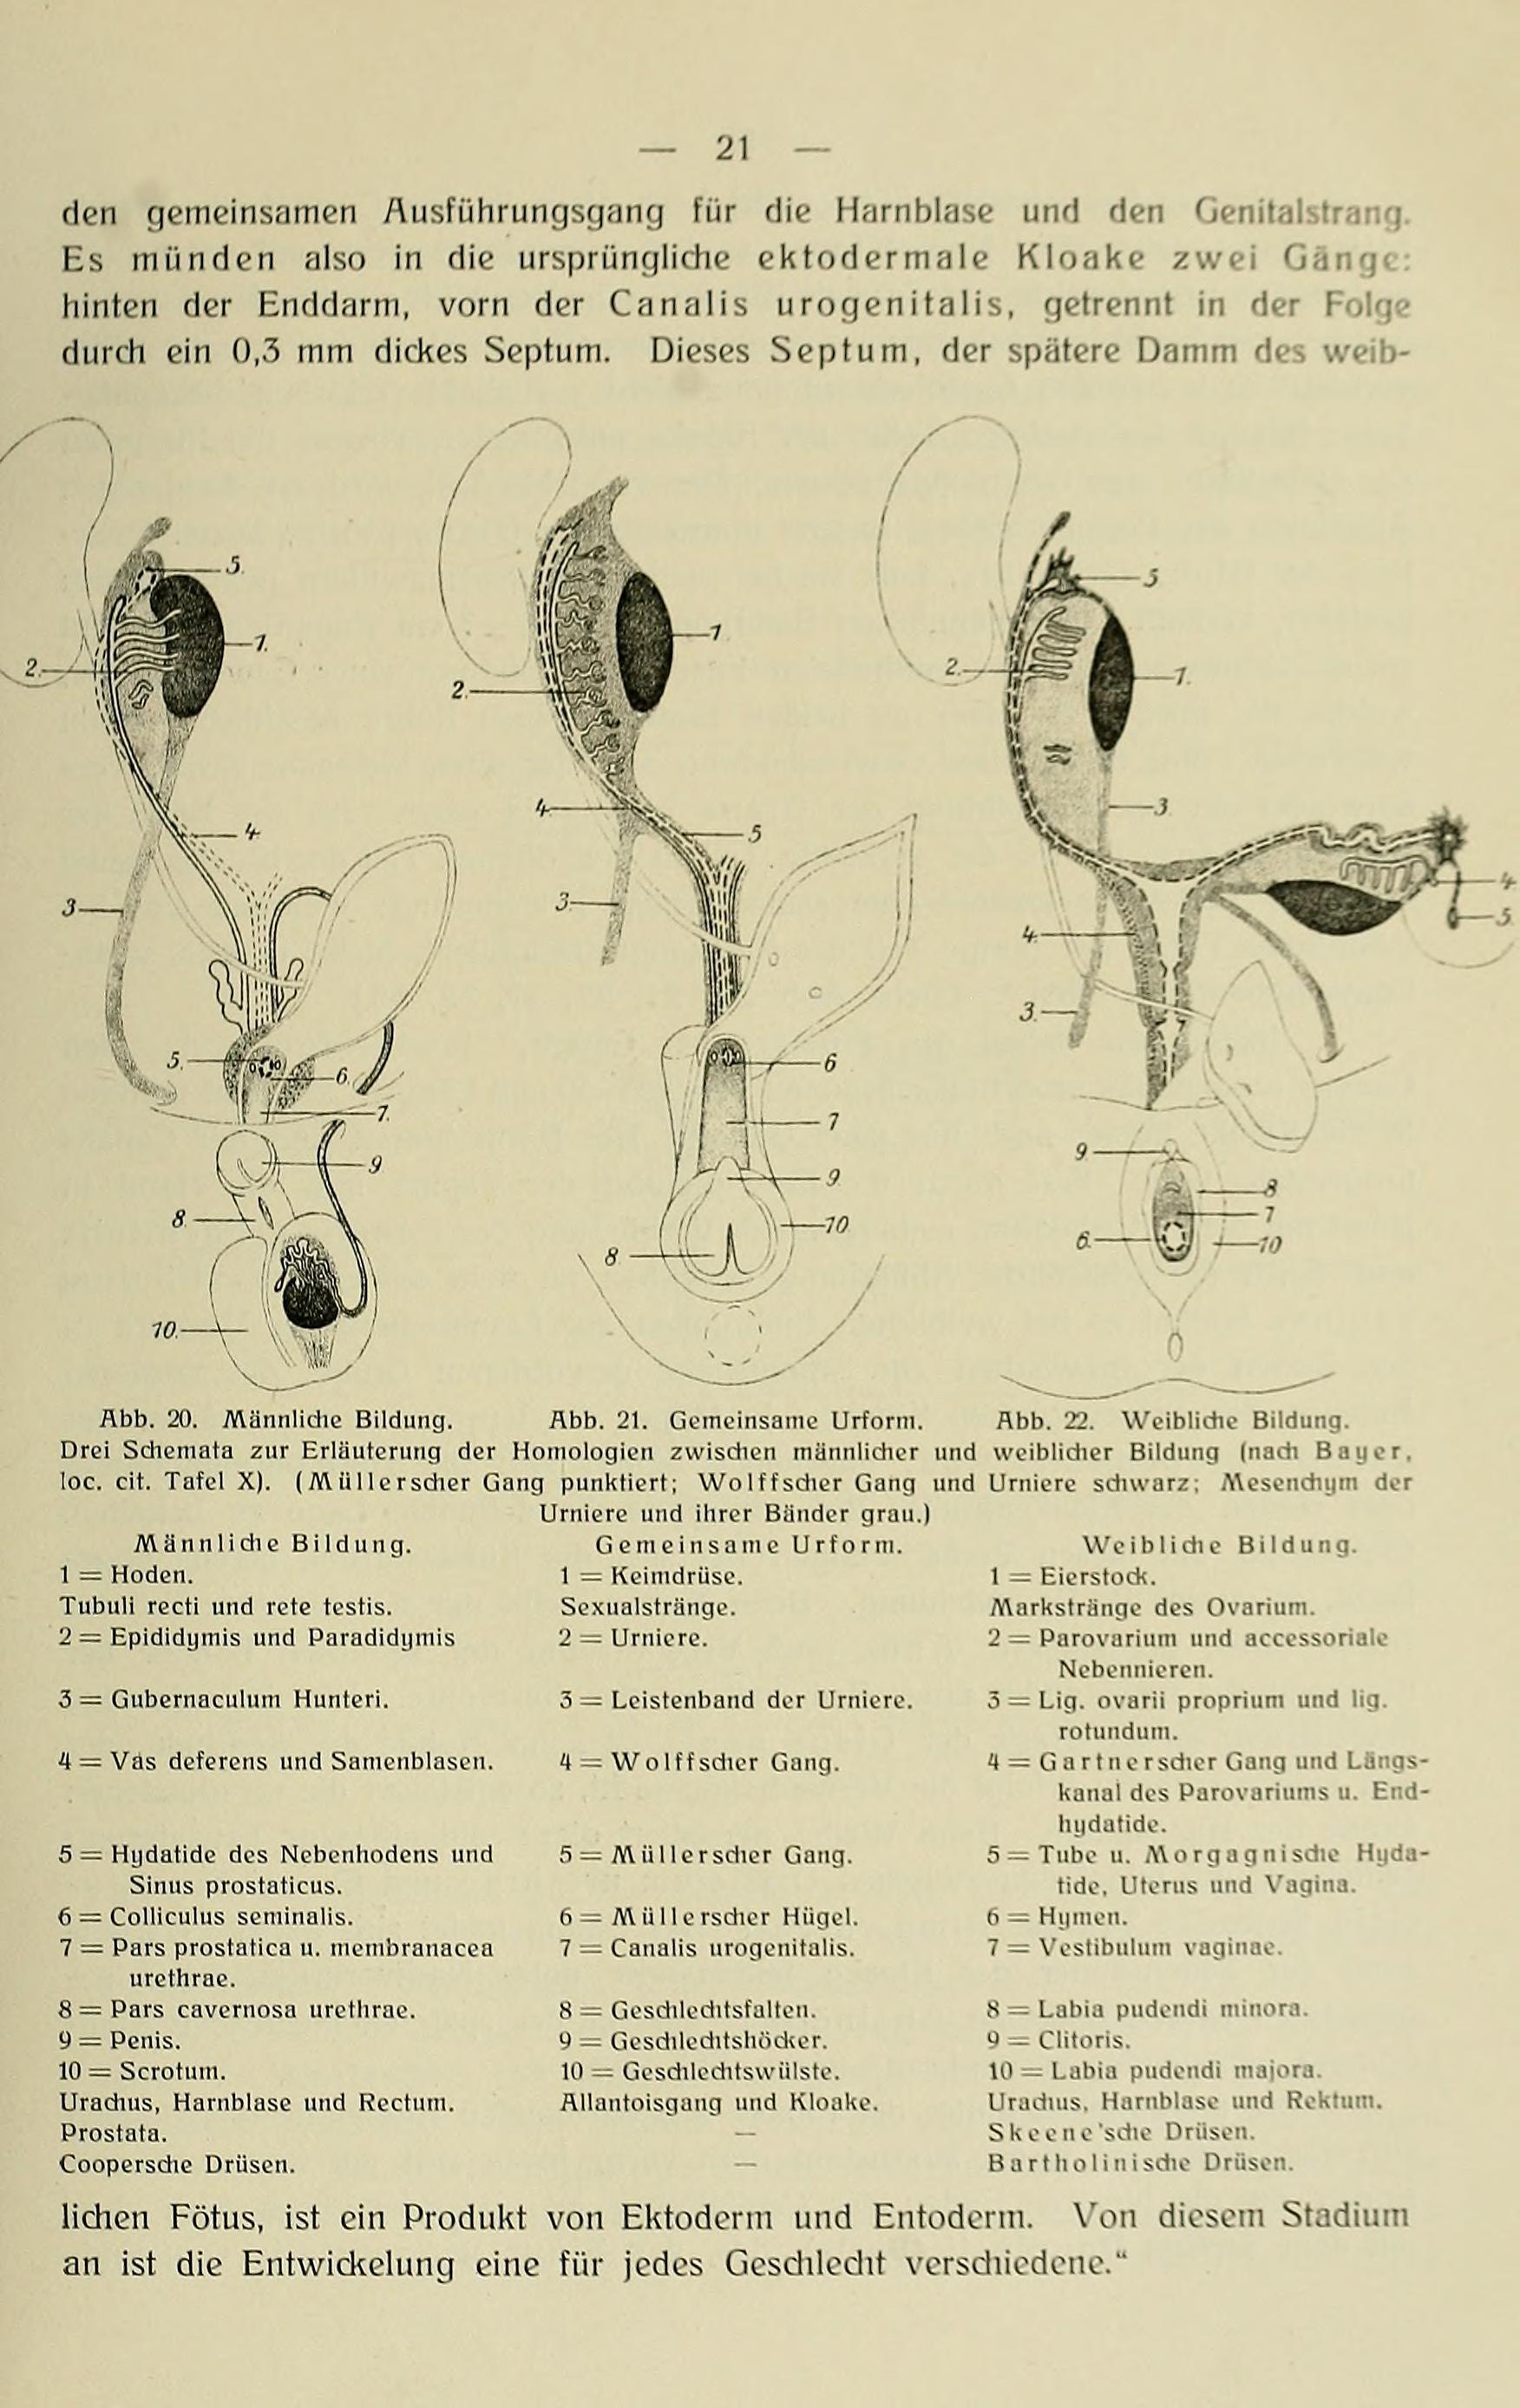 Der Buchausschnitt zeigt wissenschaftliche Beschreibungen zur Entwicklung des männlichen und weiblichen Geschlechts, sowie deren gemeinsamen Urform.